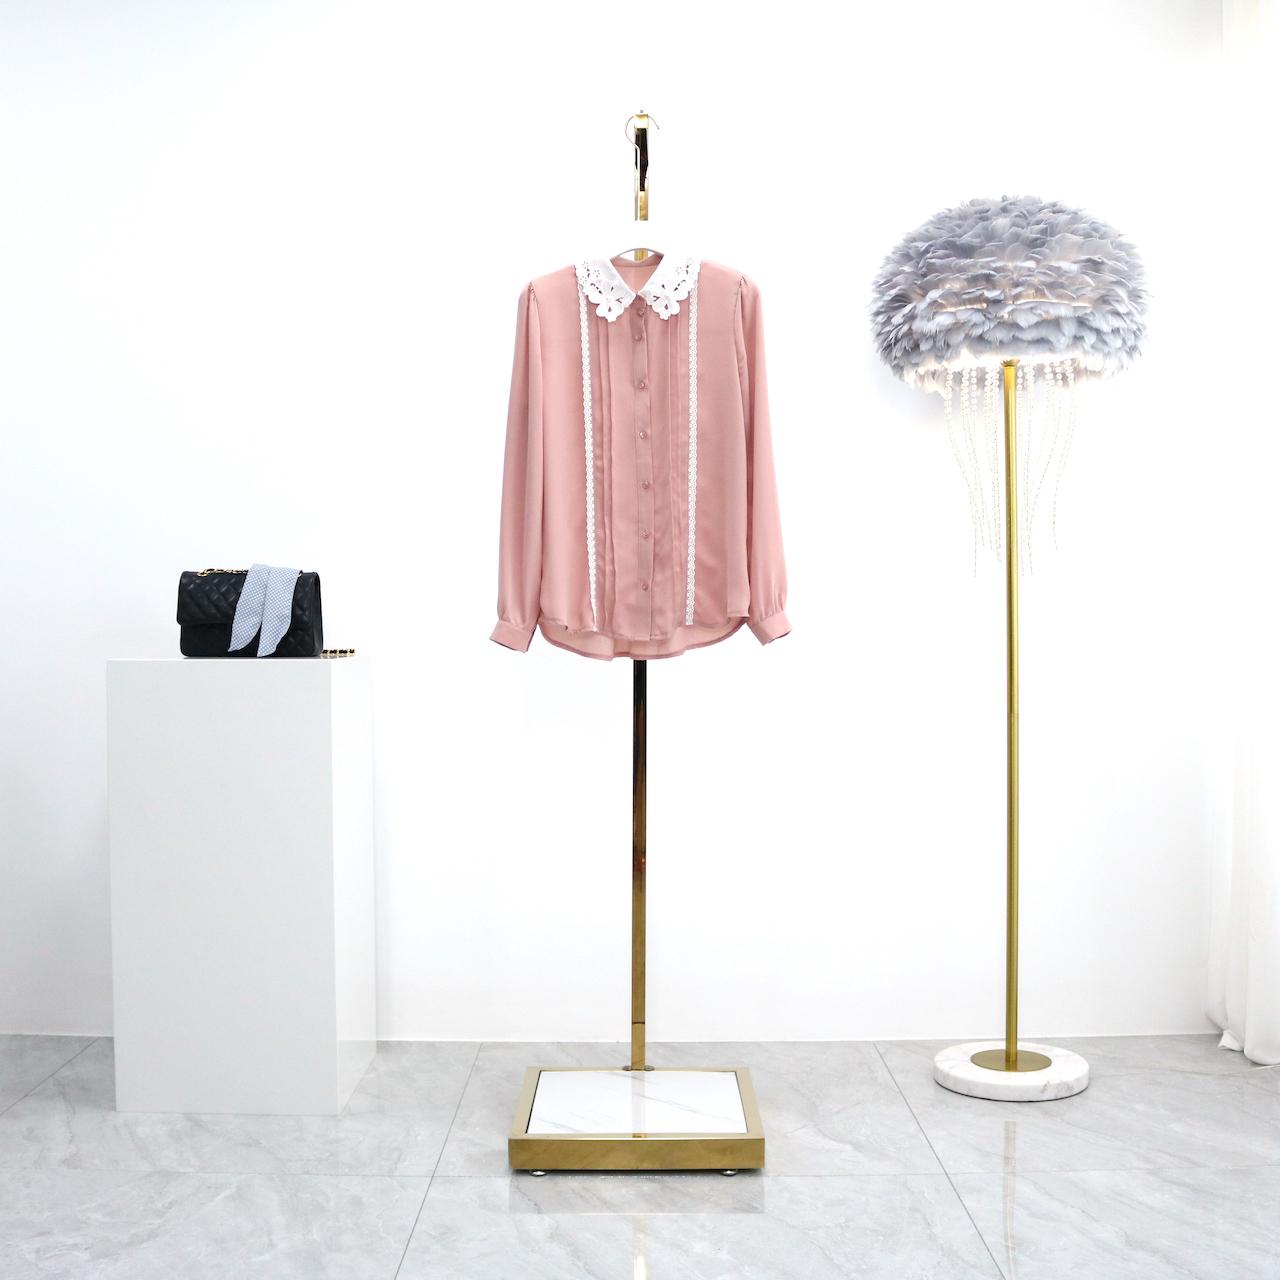 完士2020年夏季新款韩版甜美镂空绣花领长袖衬衫百搭衬衣雪纺衫女